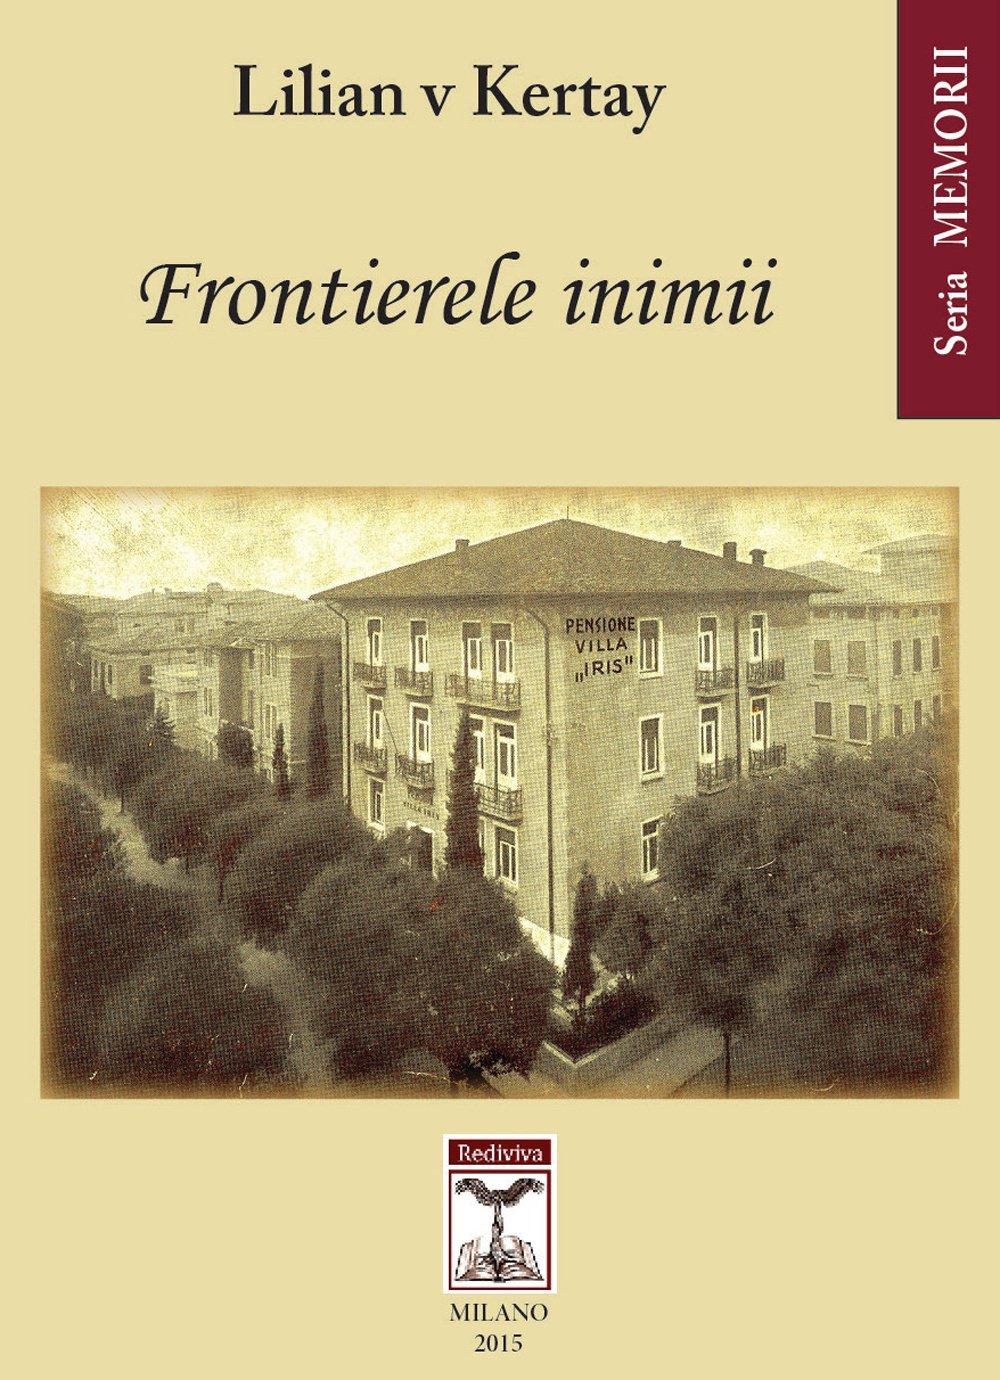 """Memoriile unei femei obișnuite: Lilian Kertay """"Forntierele inimii"""""""